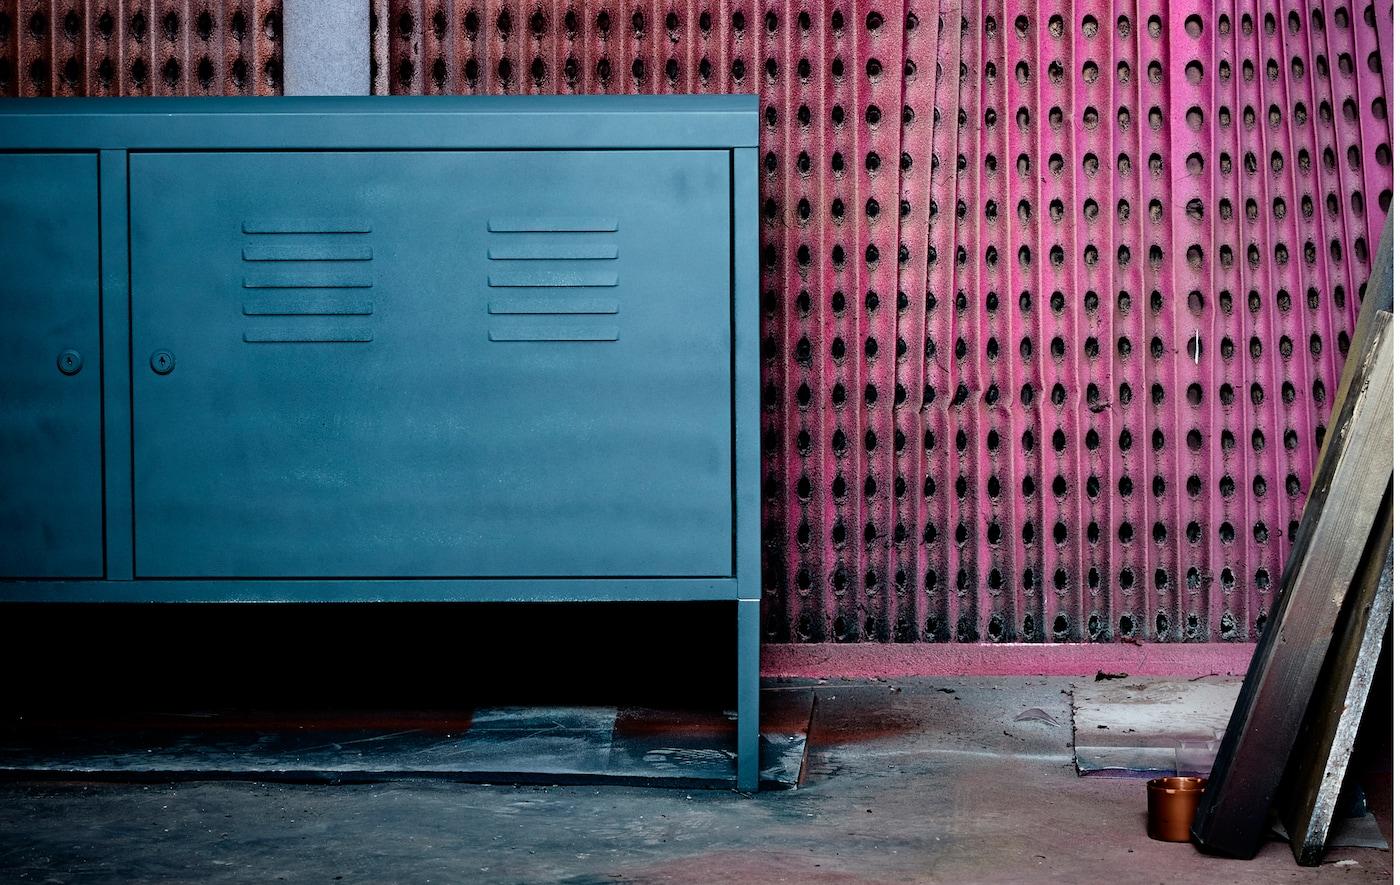 Nymalet metalskab står op ad en væg malet i en grafisk stil.